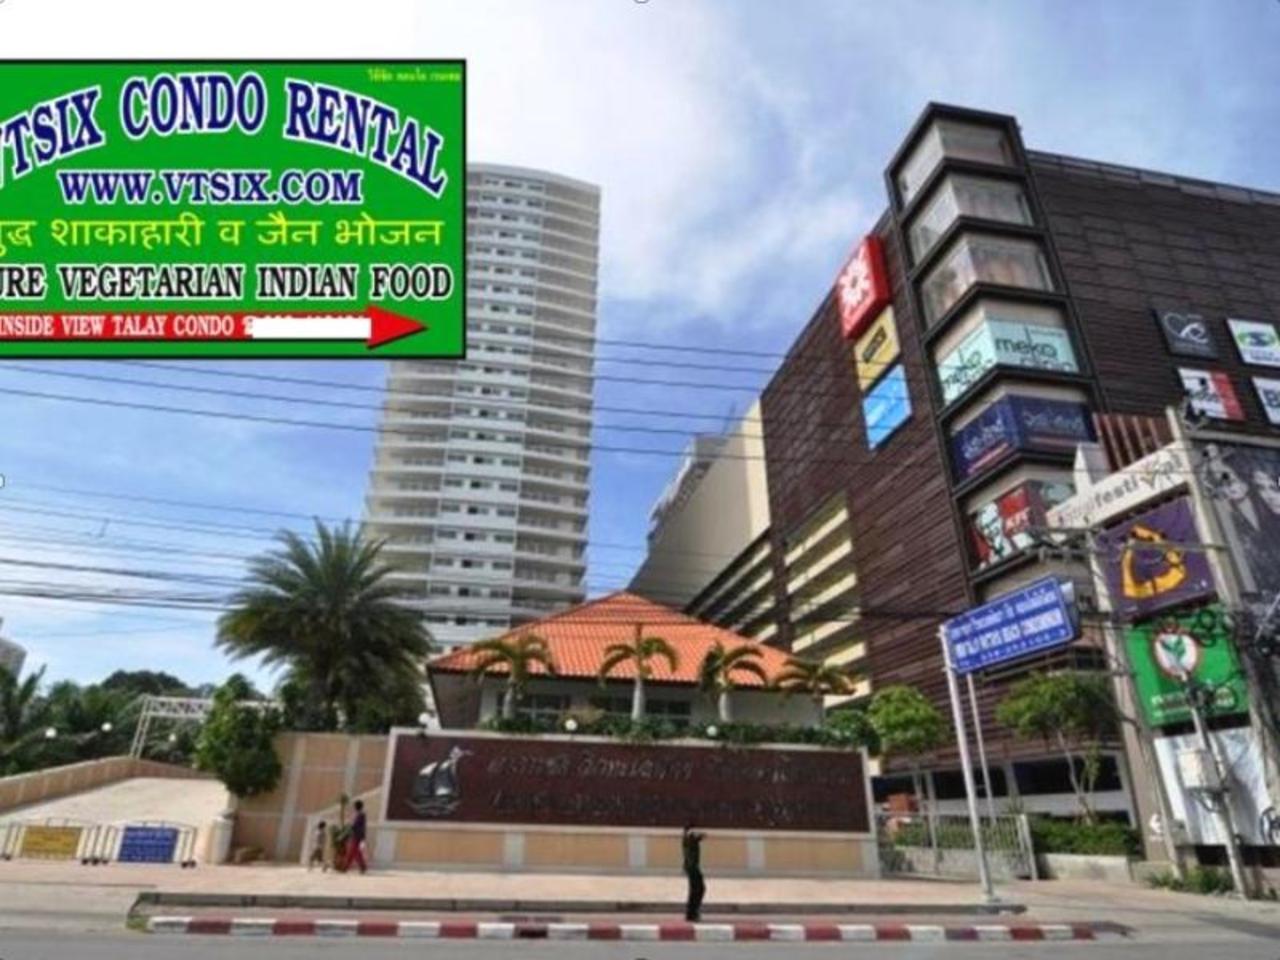 วีทีซิกซ์ คอนโด เรนทัล แอท วิว ทะเล 6 พัทยา (Vtsix Condo Rentals at View Talay 6 Pattaya)